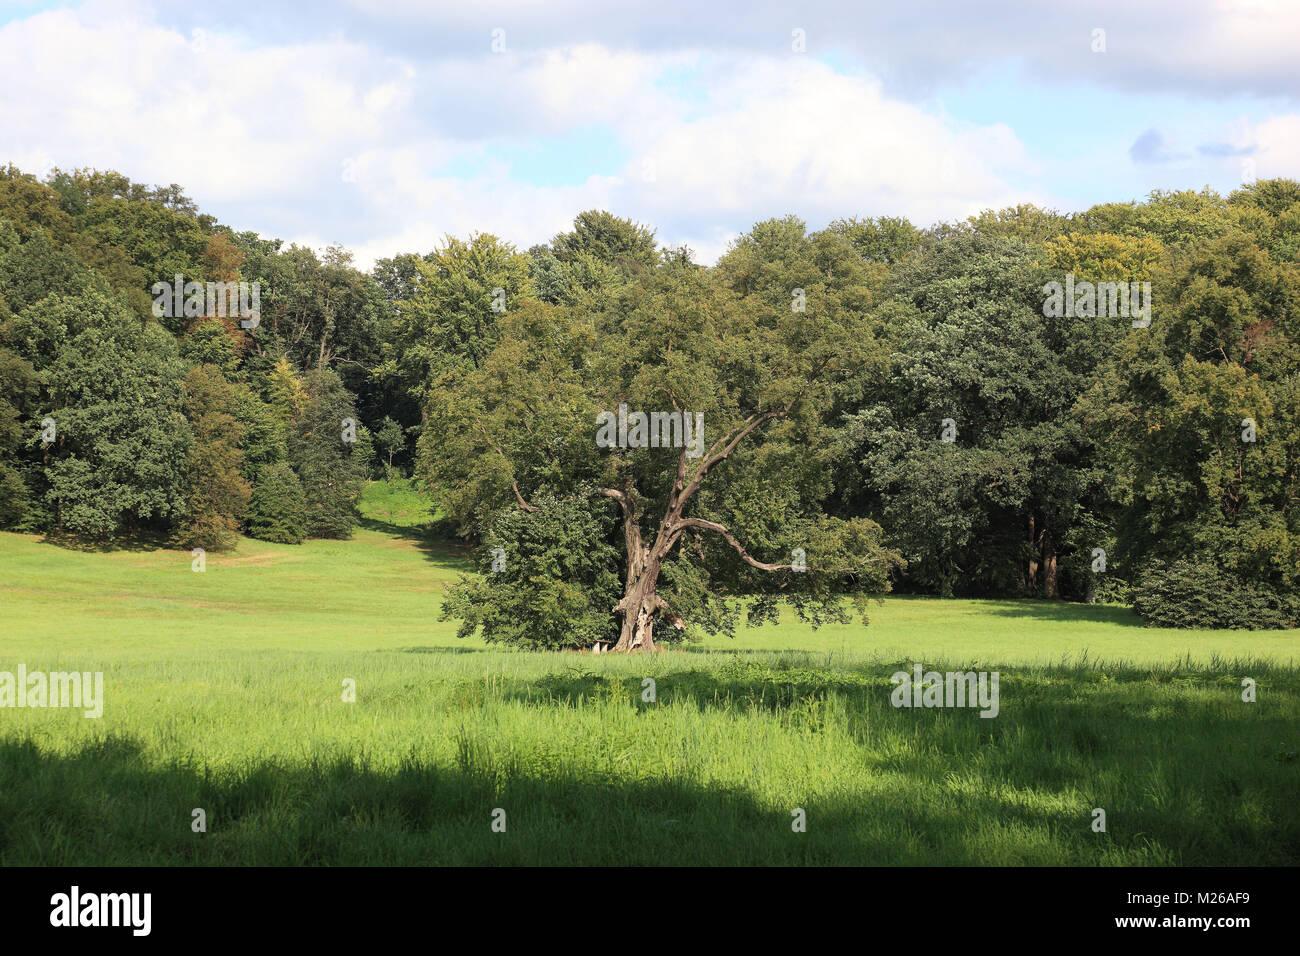 Parkland with tree and forest, Bad Muskau, Landkreis Görlitz, Saxony, Germany, Parklandschaft mit Baum und Wald, Stock Photo